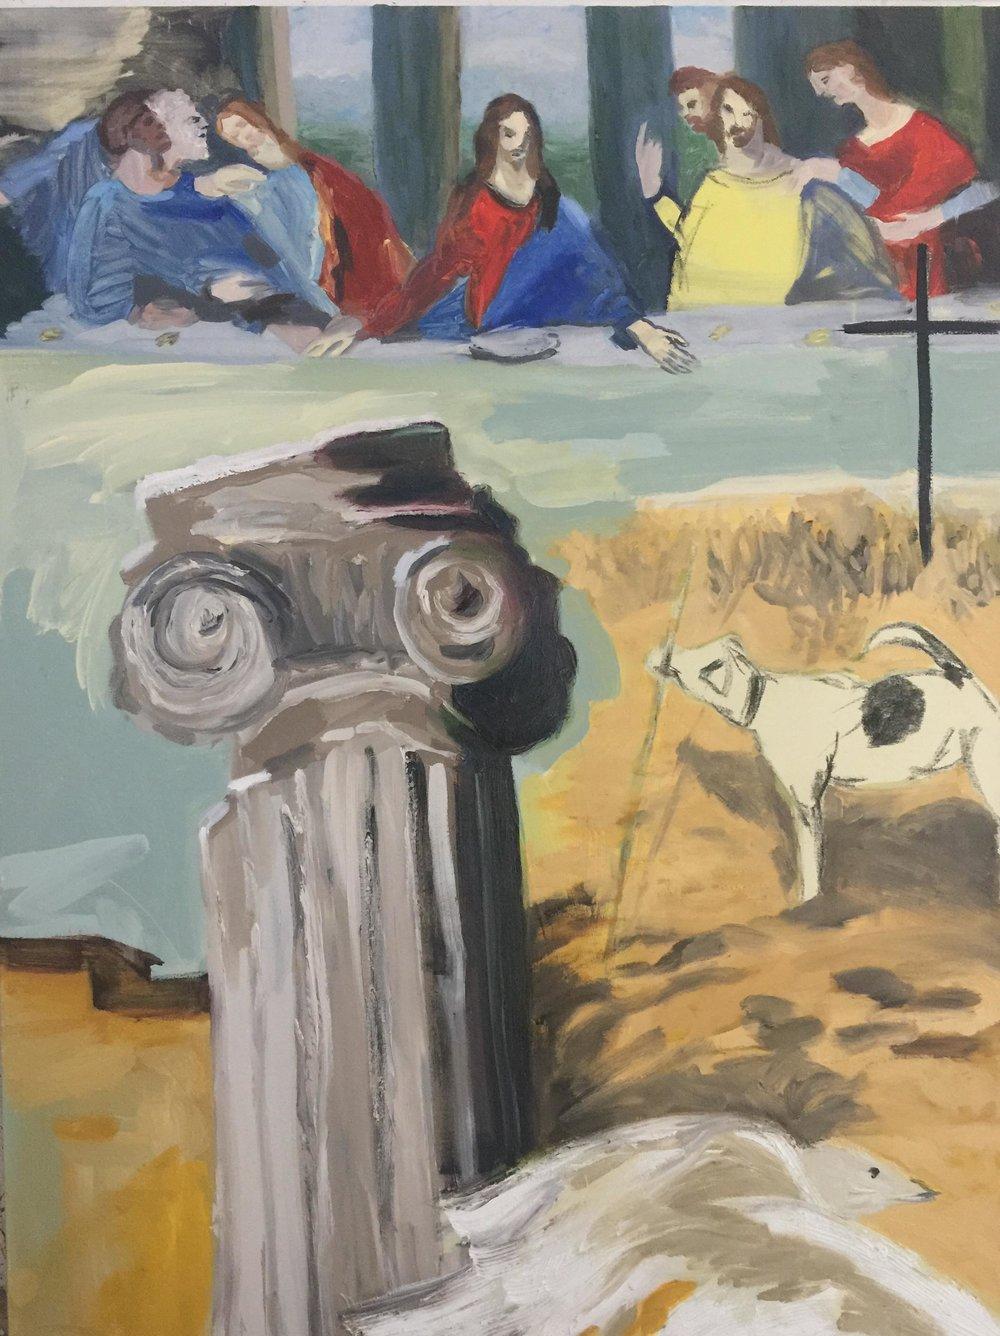 Patti Smith Land 250: Asbury Park N.J.; Colonne, Pompei; Mouette; Snowy le chien, Provincetown Massachusetts; La Cene, Leonardo da Vinci.